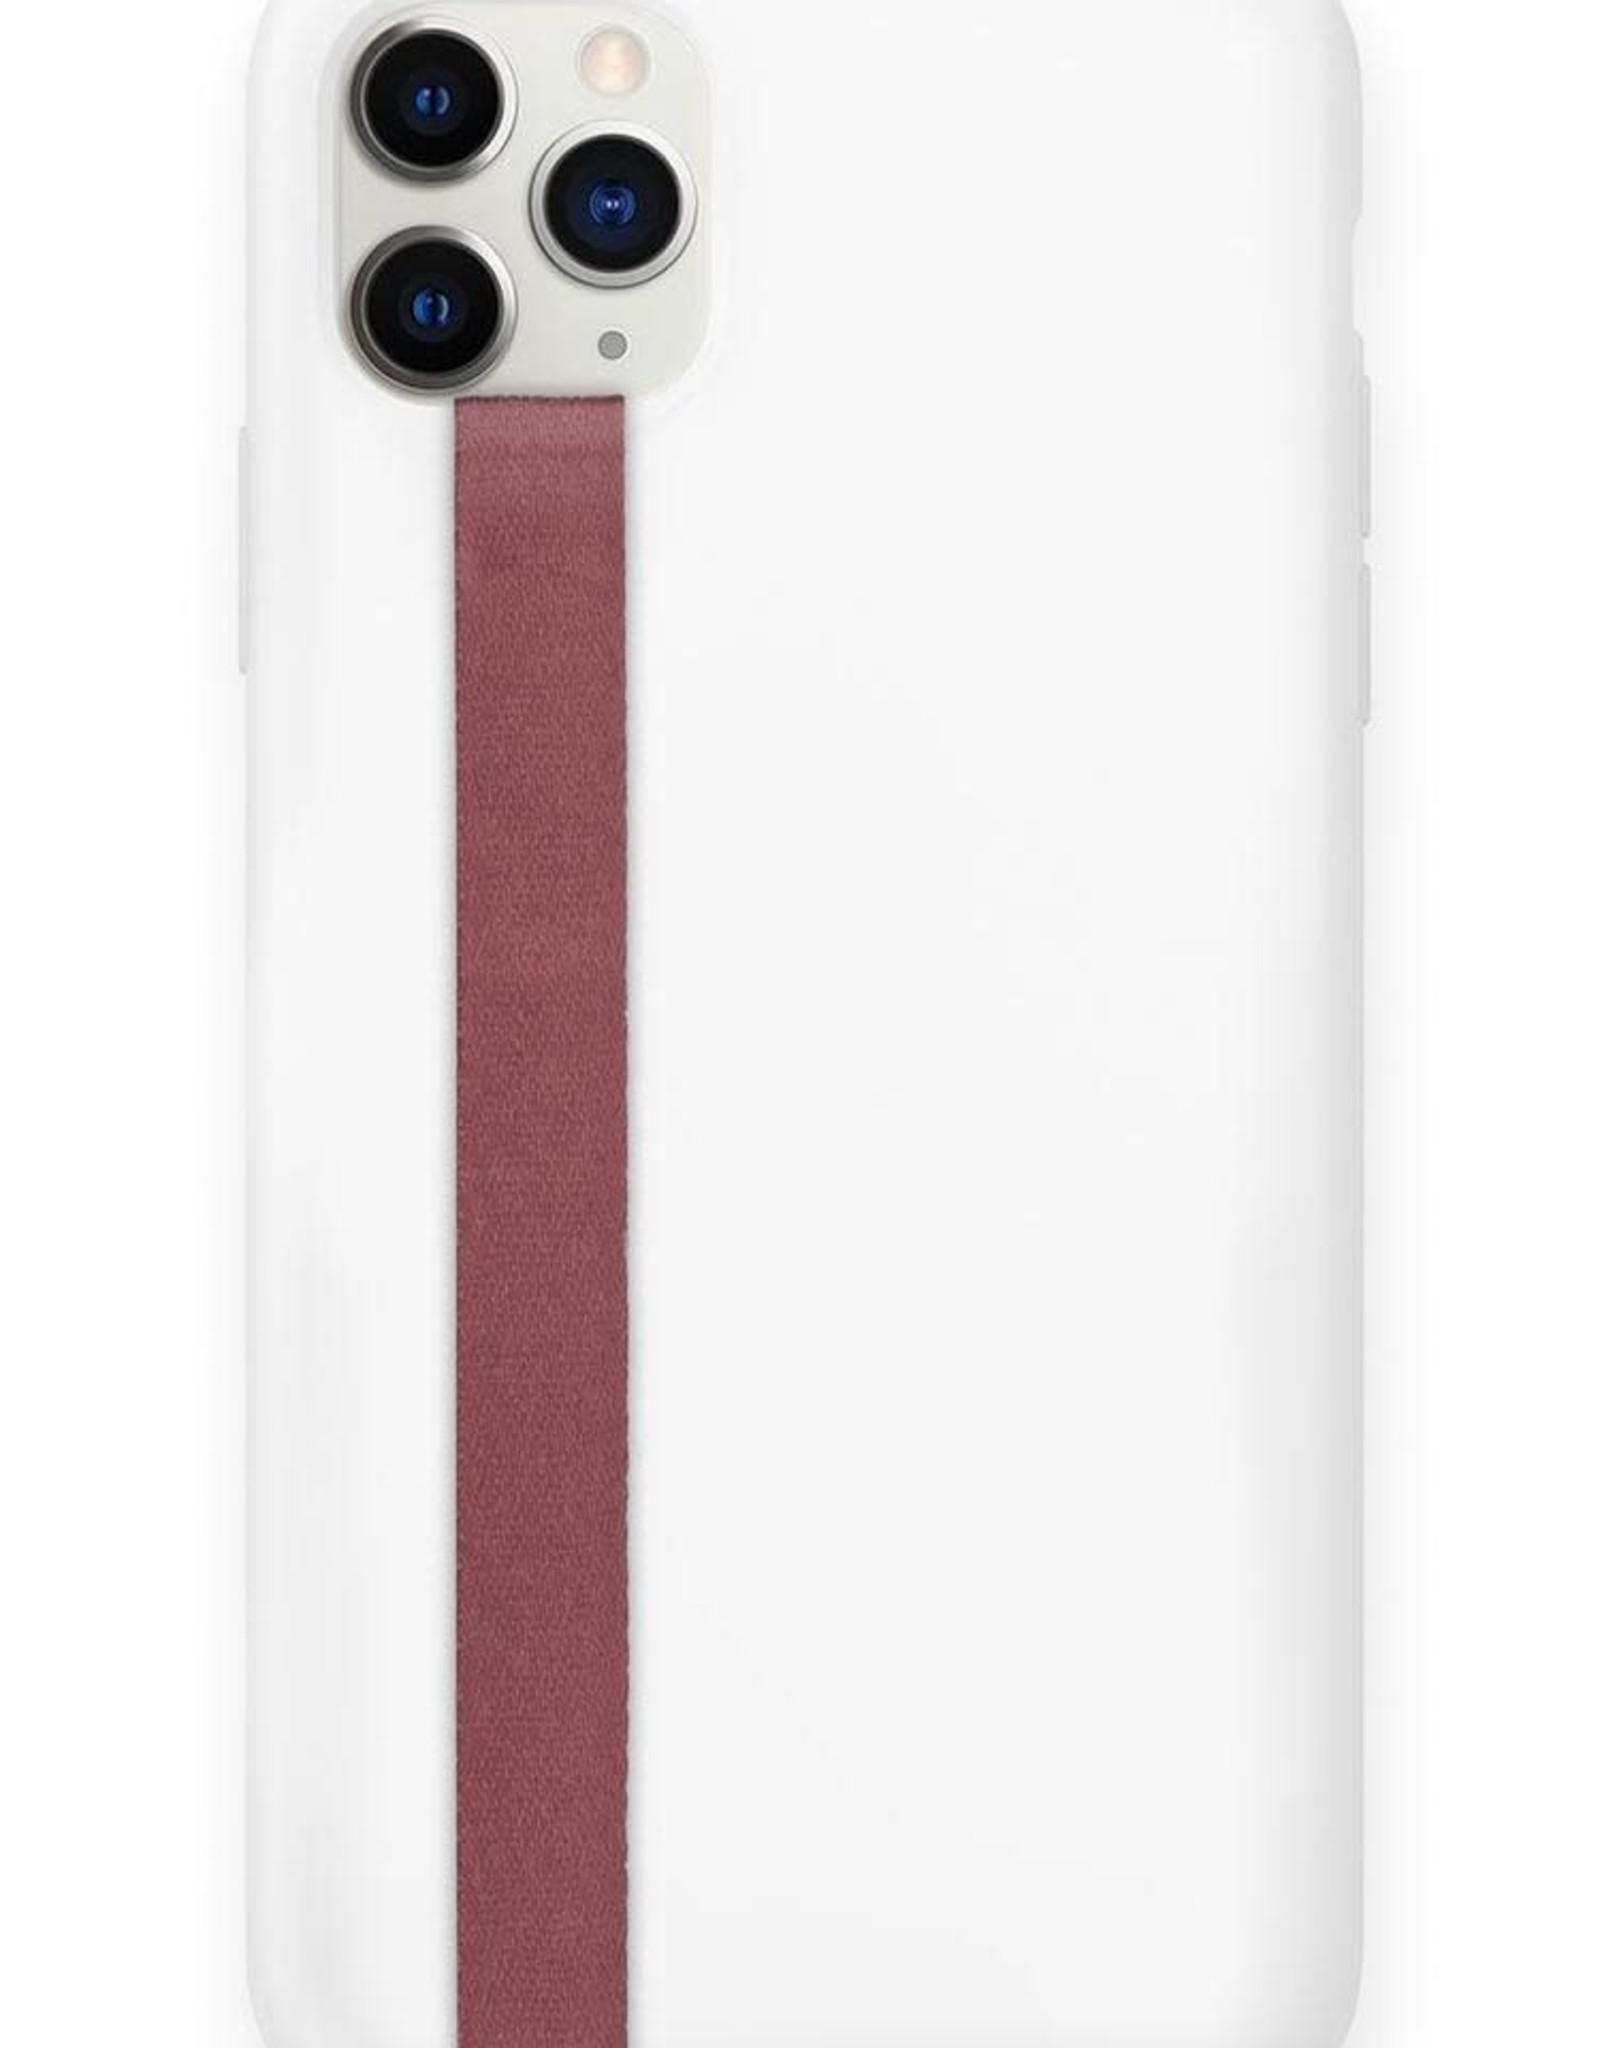 Sangle à cellulaire par Phone loops: Marsala